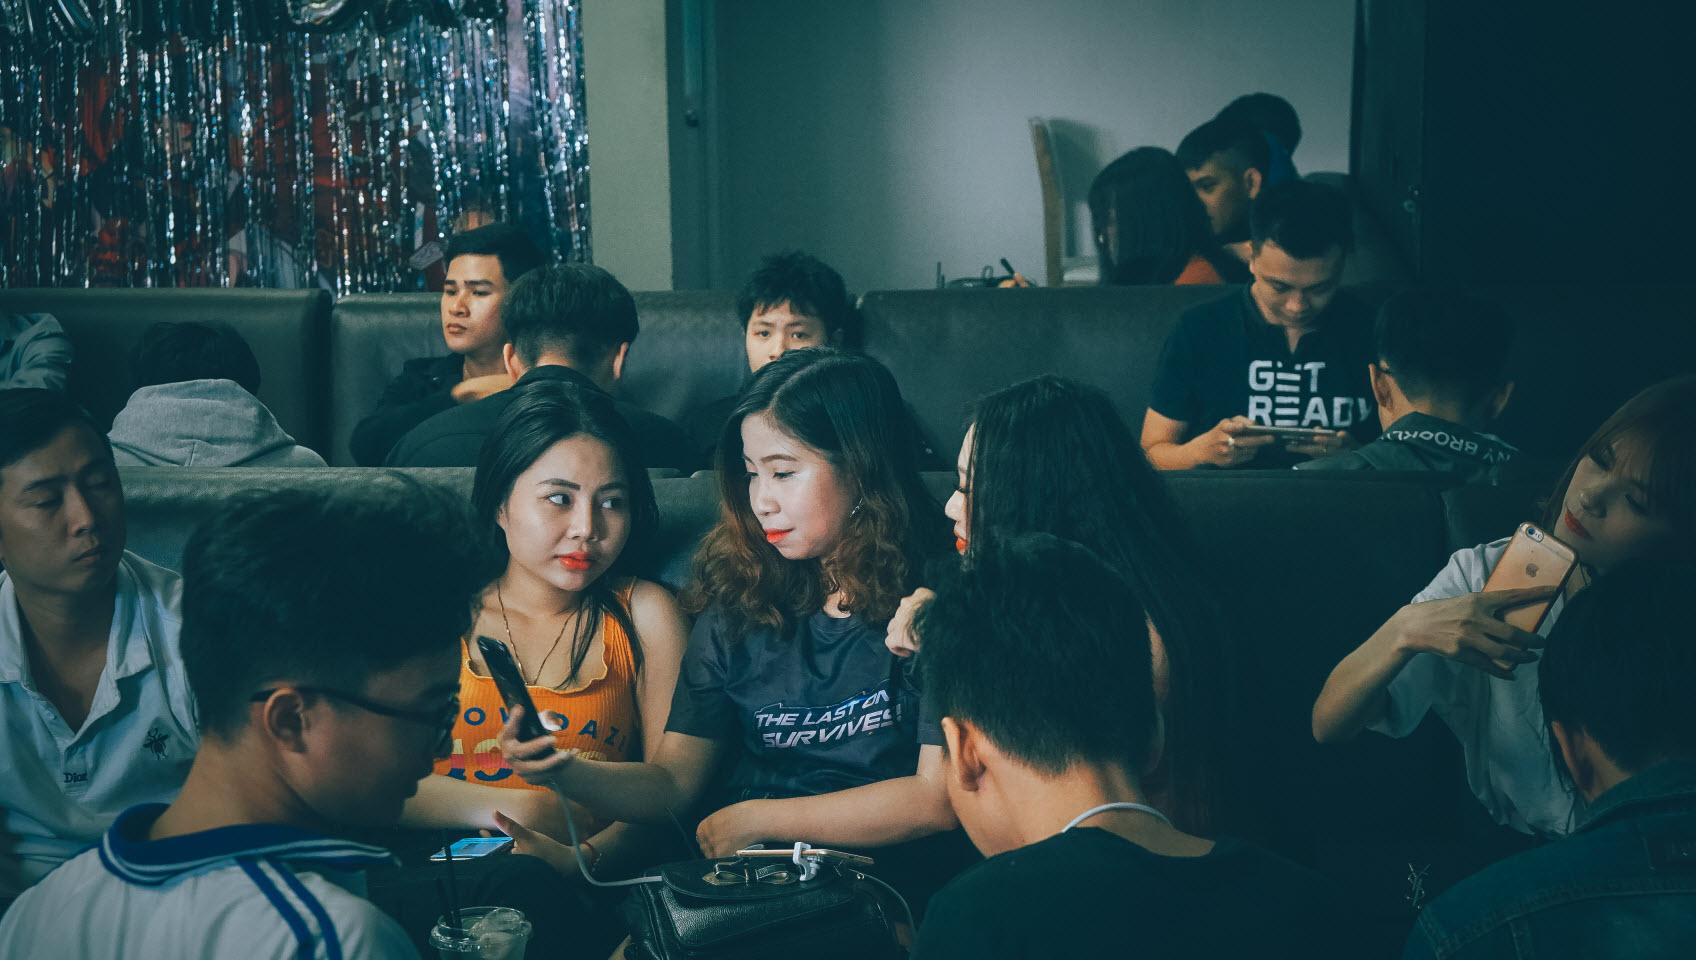 Cộng đồng Rules of Survival tổ chức offline mừng sinh nhật tại Hồ Chí Minh 4